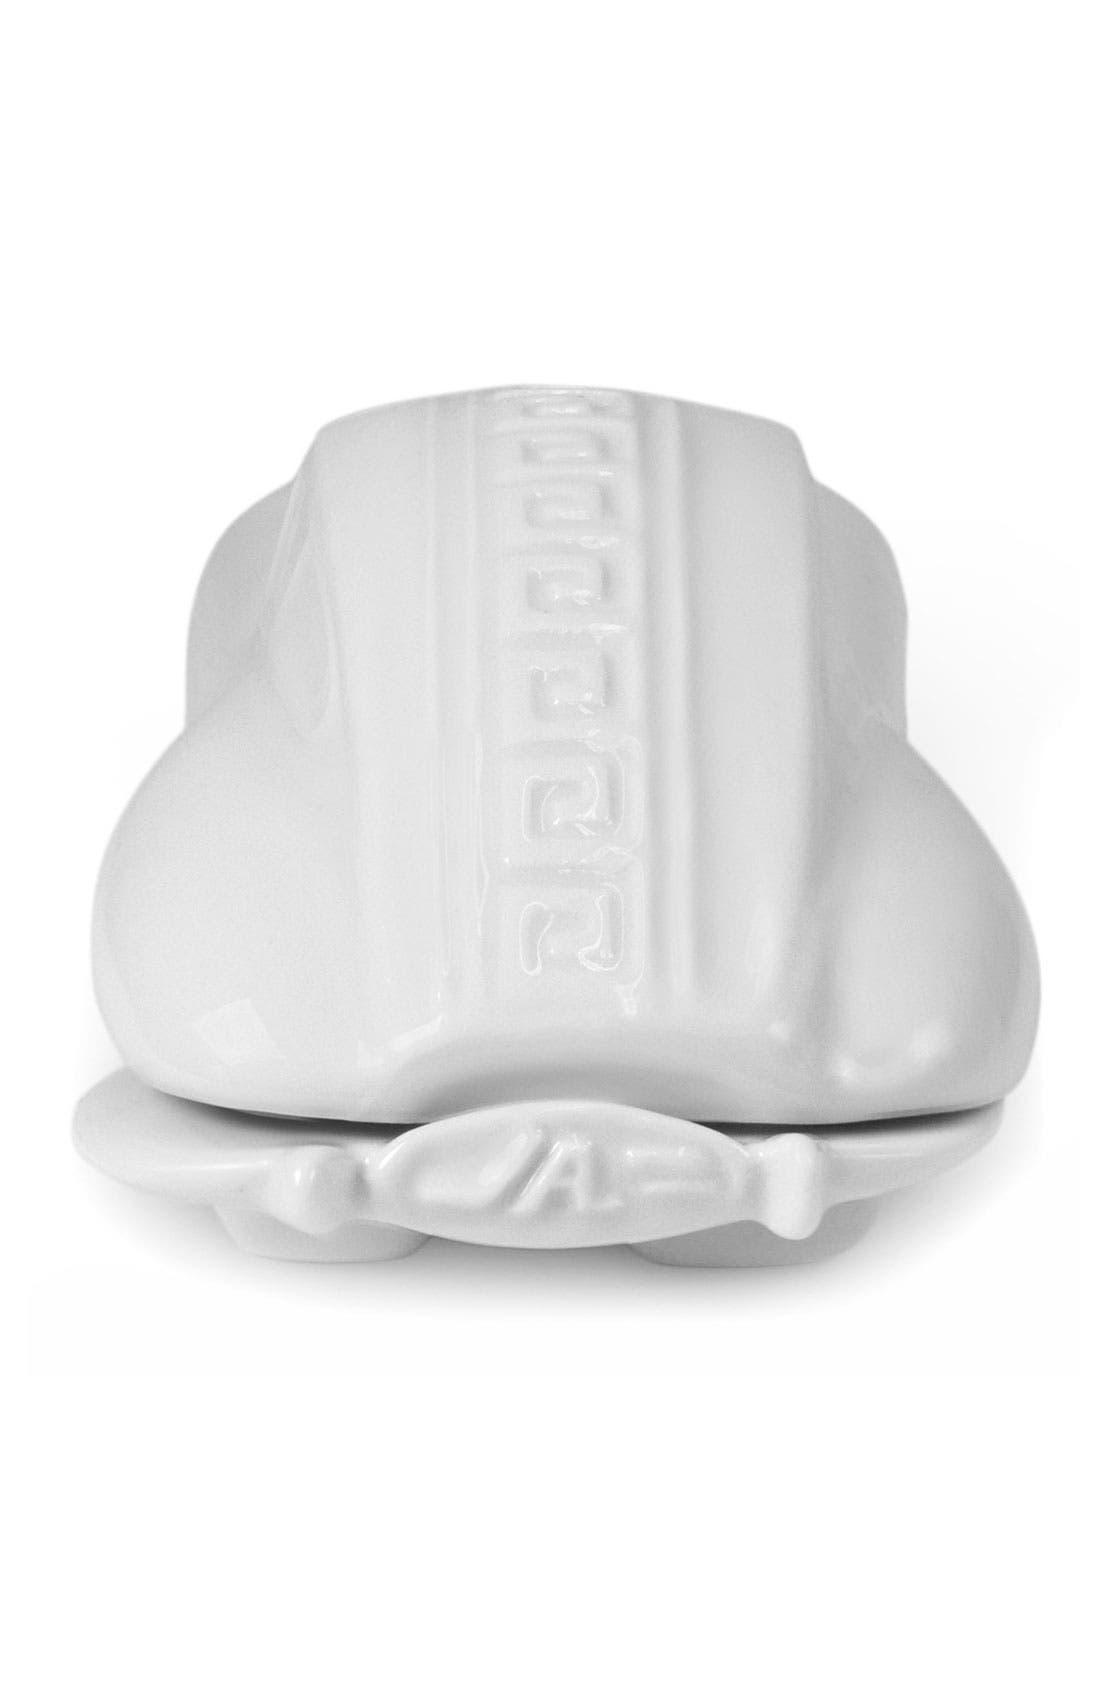 Alternate Image 3  - Jonathan Adler 'Sports Car' Porcelain Box